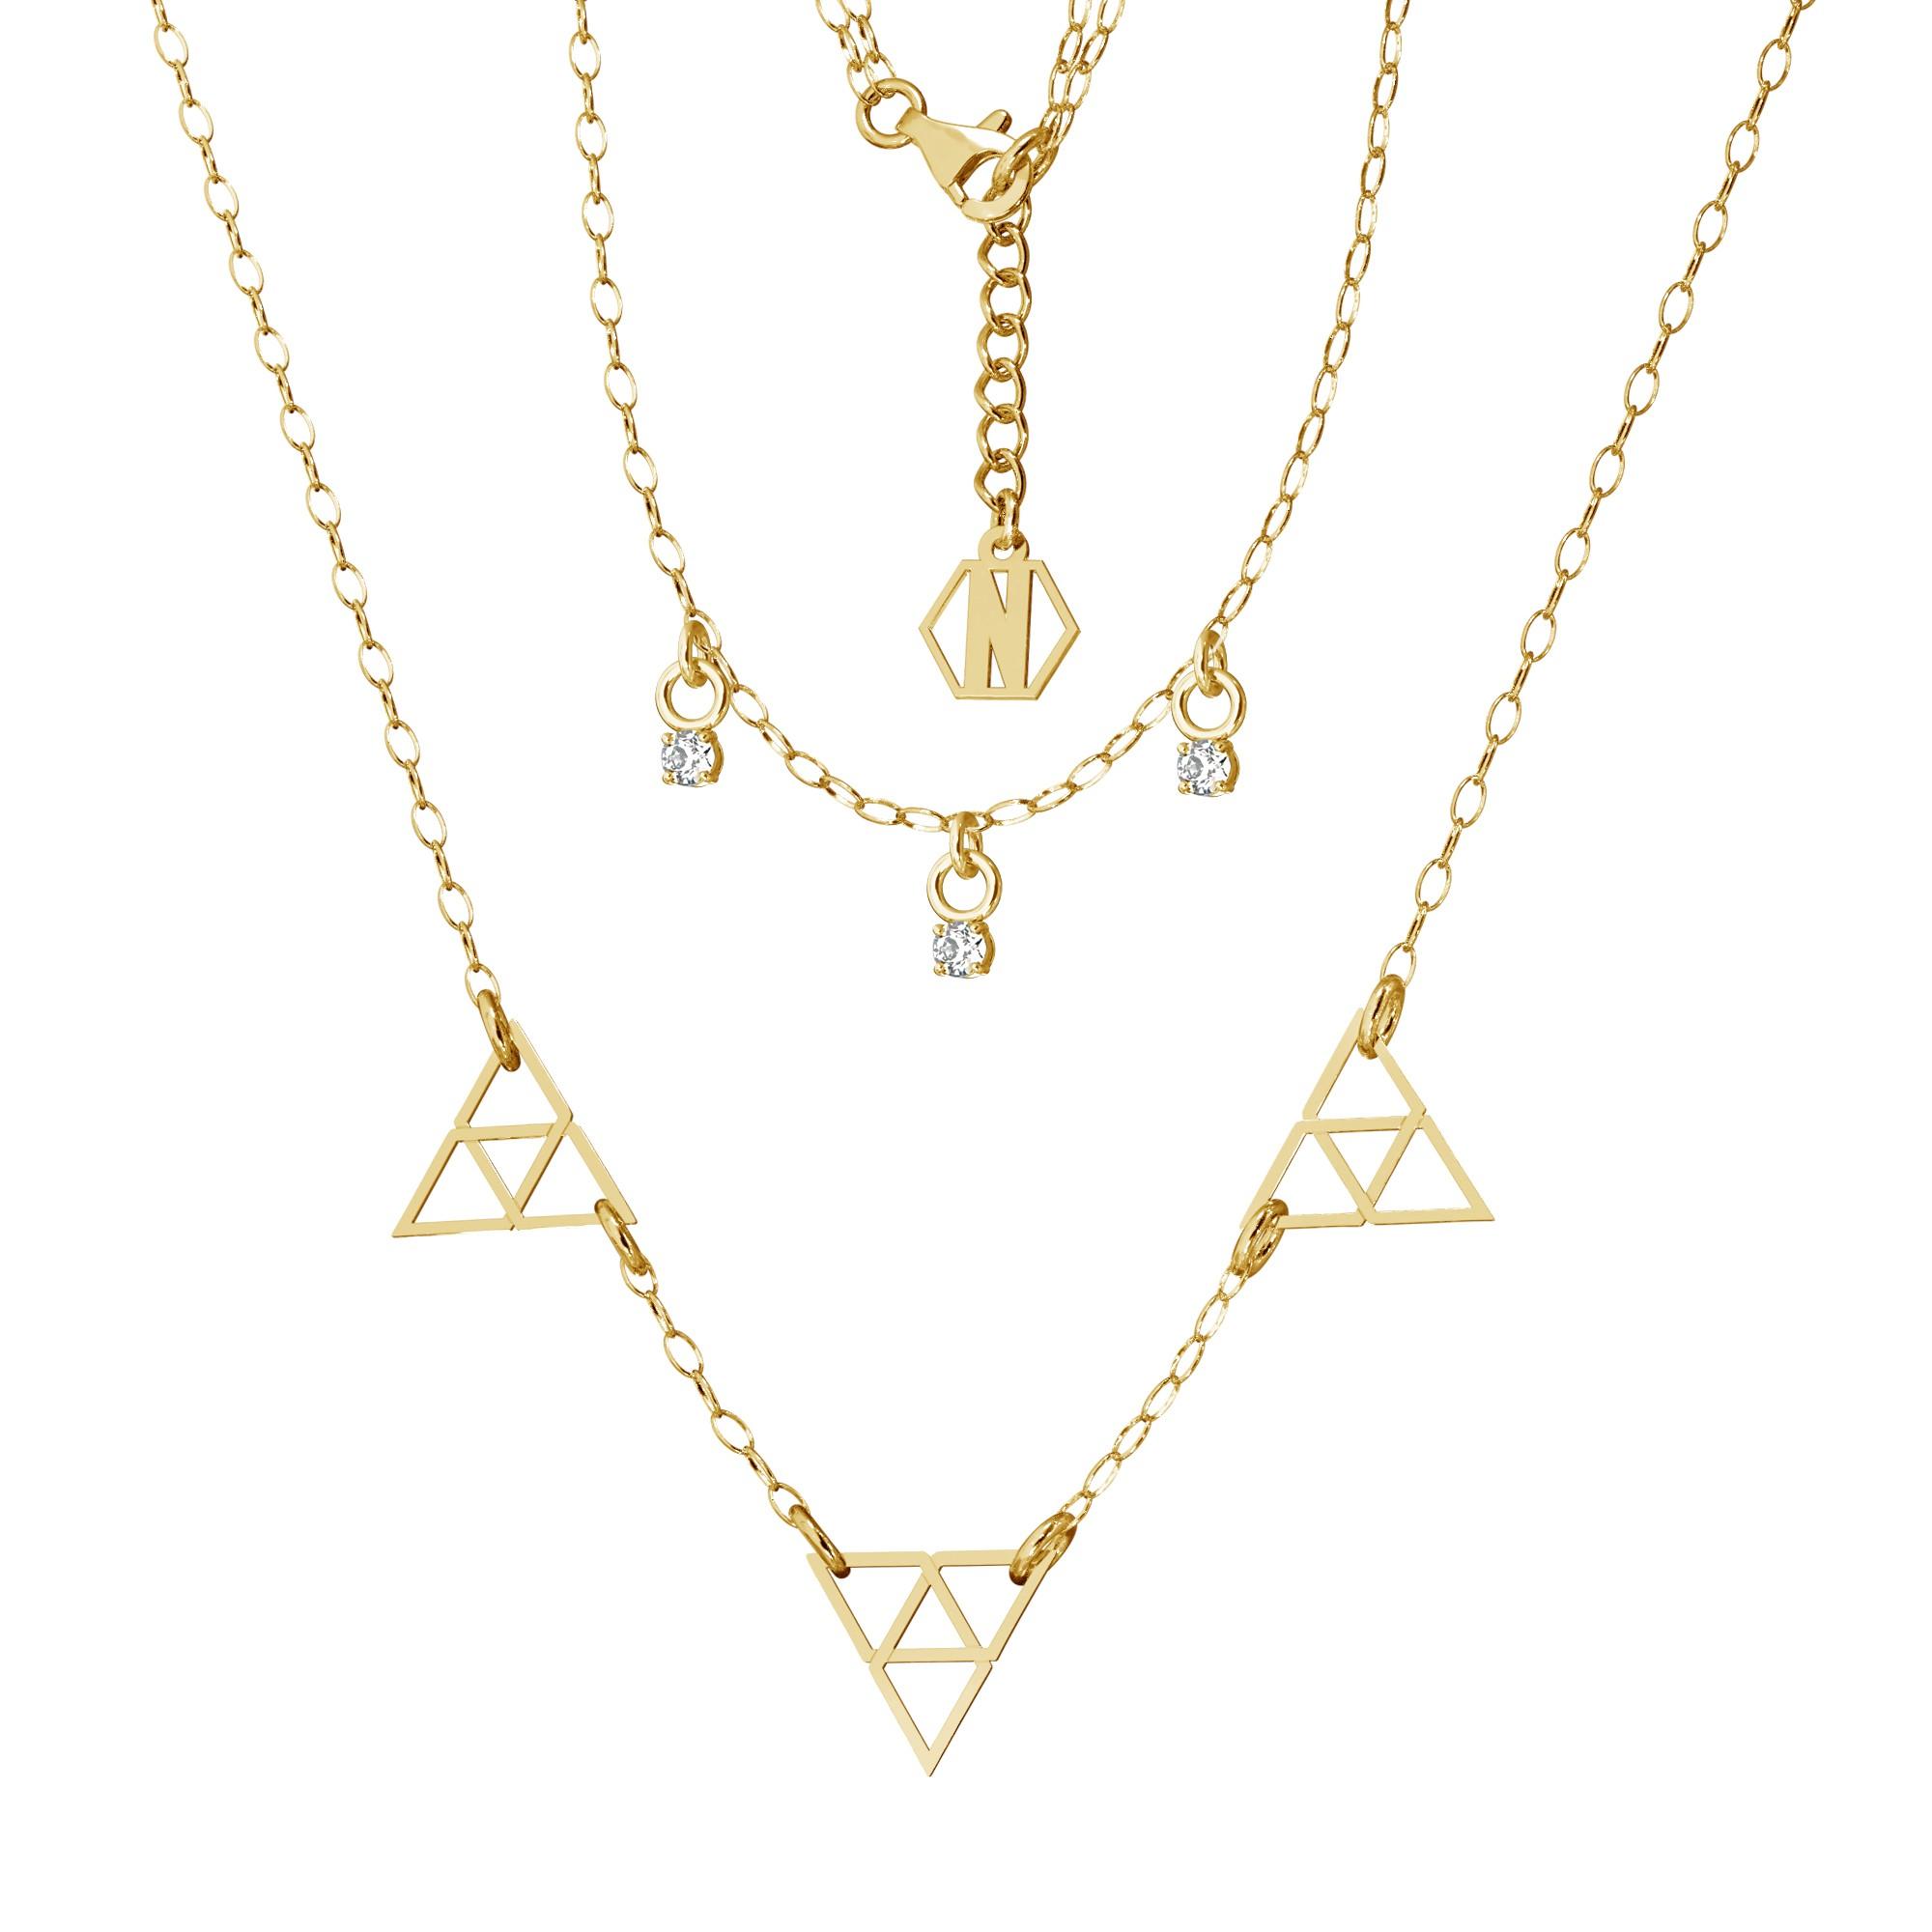 Srebrny podwójny naszyjnik z cyrkoniami trójkąty srebro 925, Nikki Lund